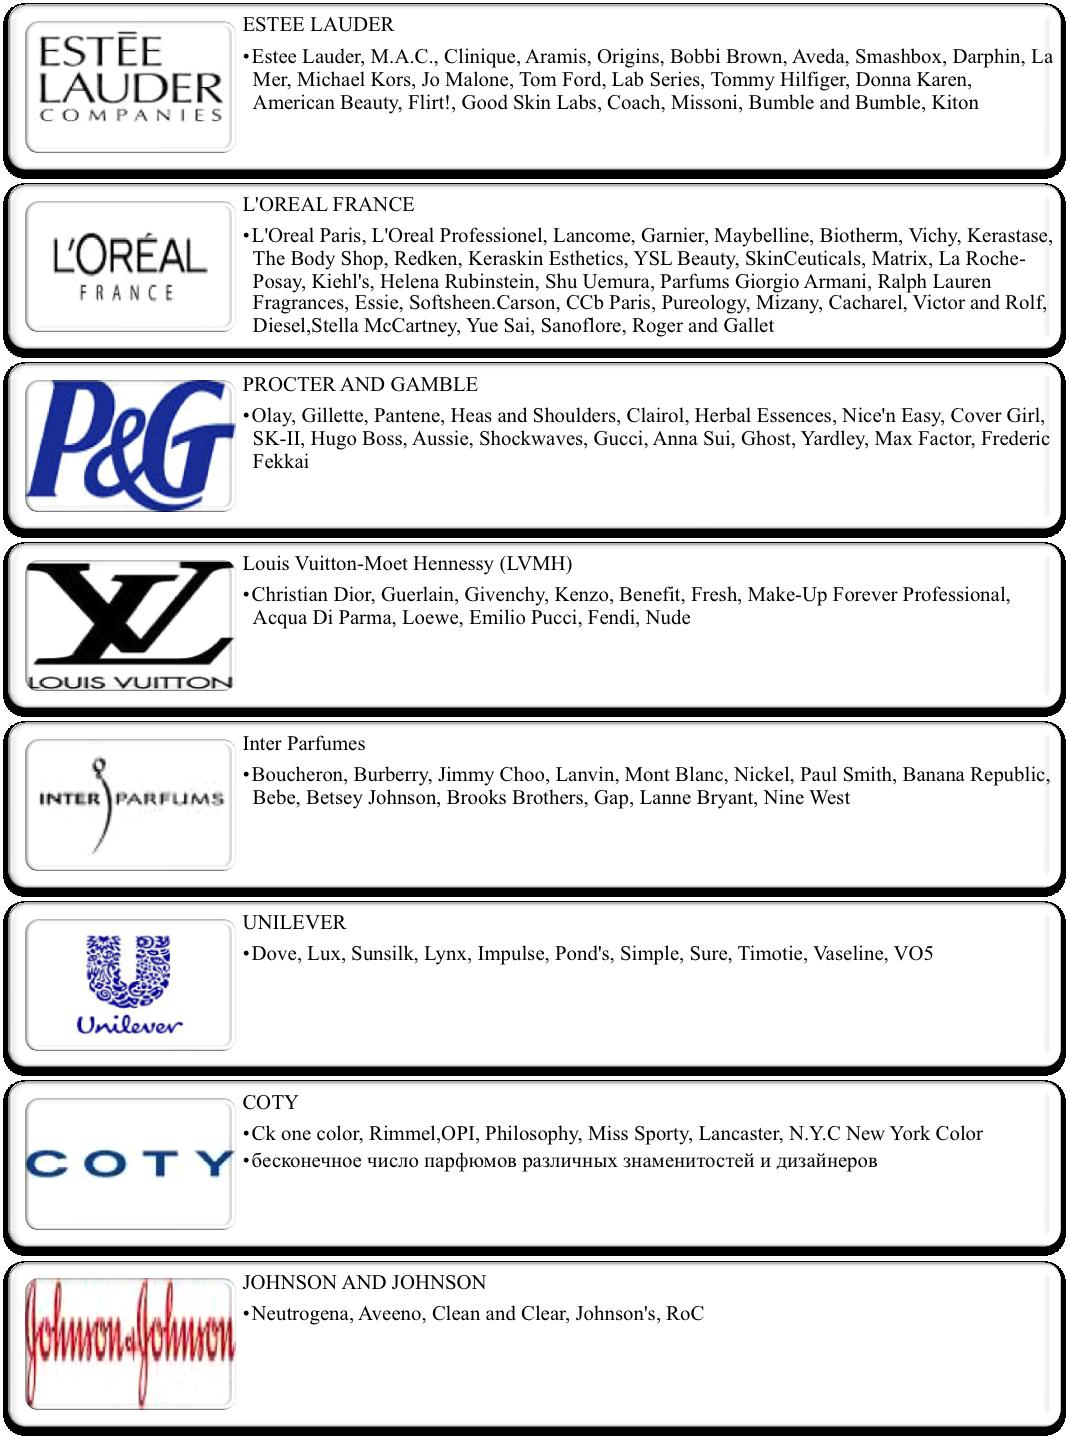 Мировые компании косметики